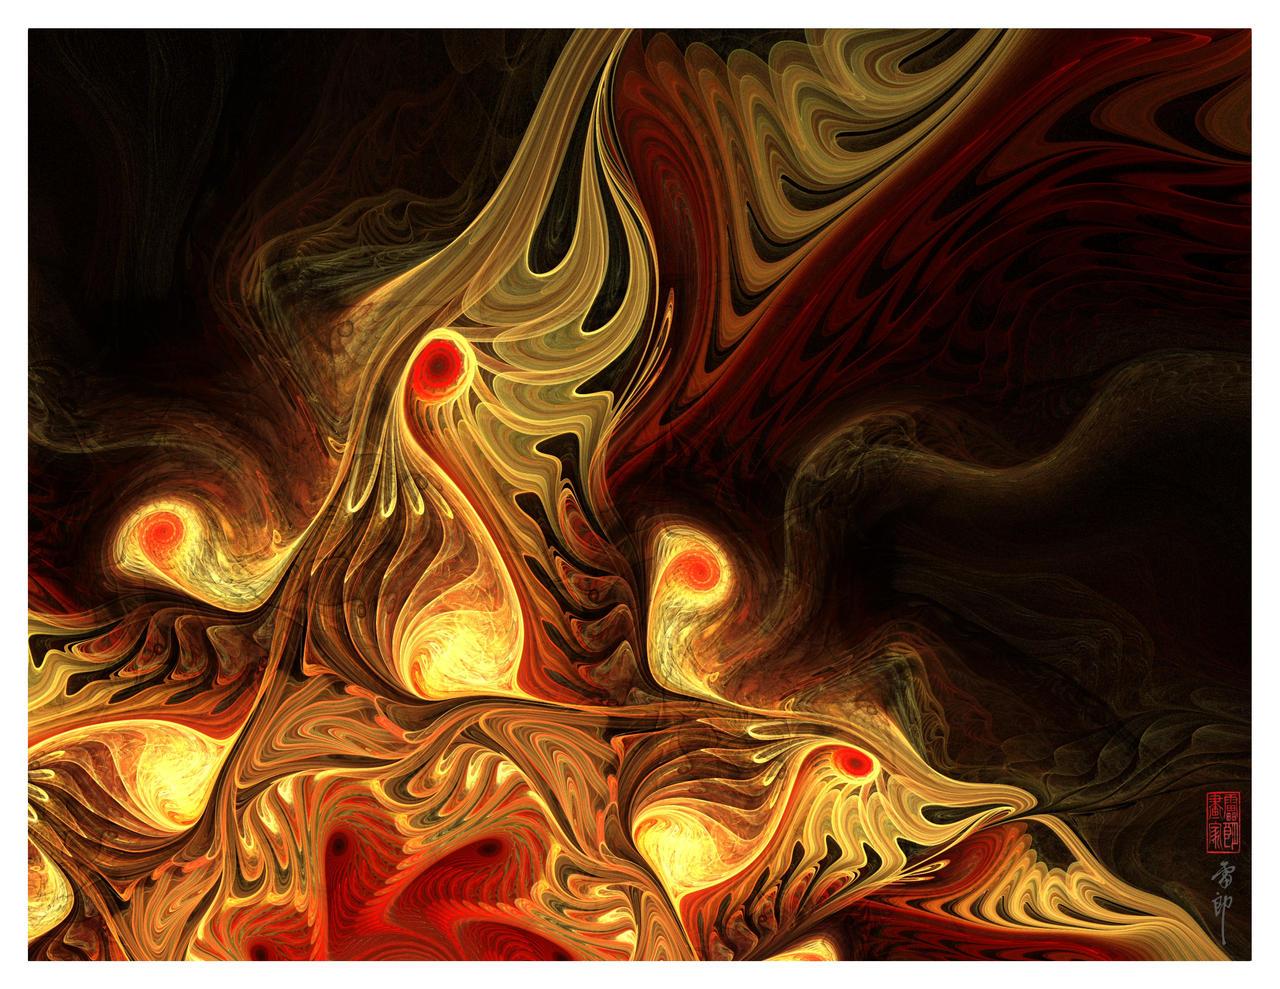 Eye of Dragon by YarNor